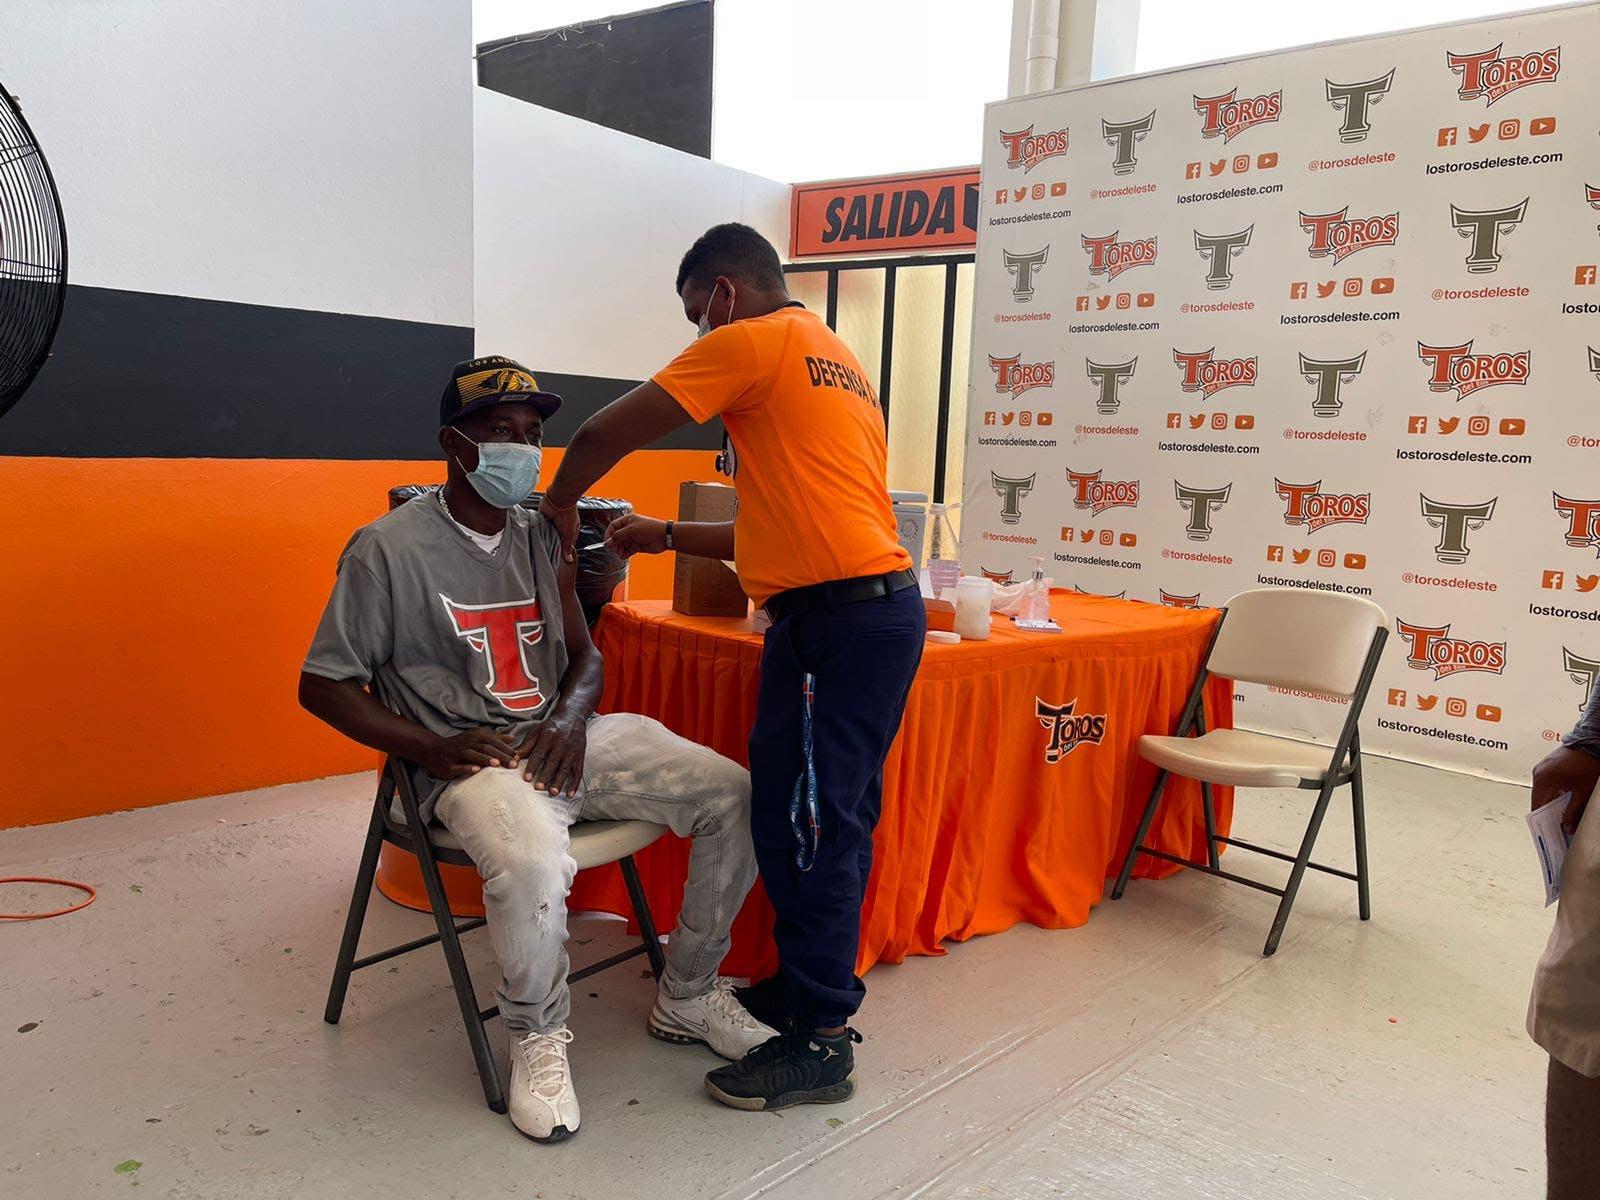 Vacunación en estadio de los Toros un éxito en primer día